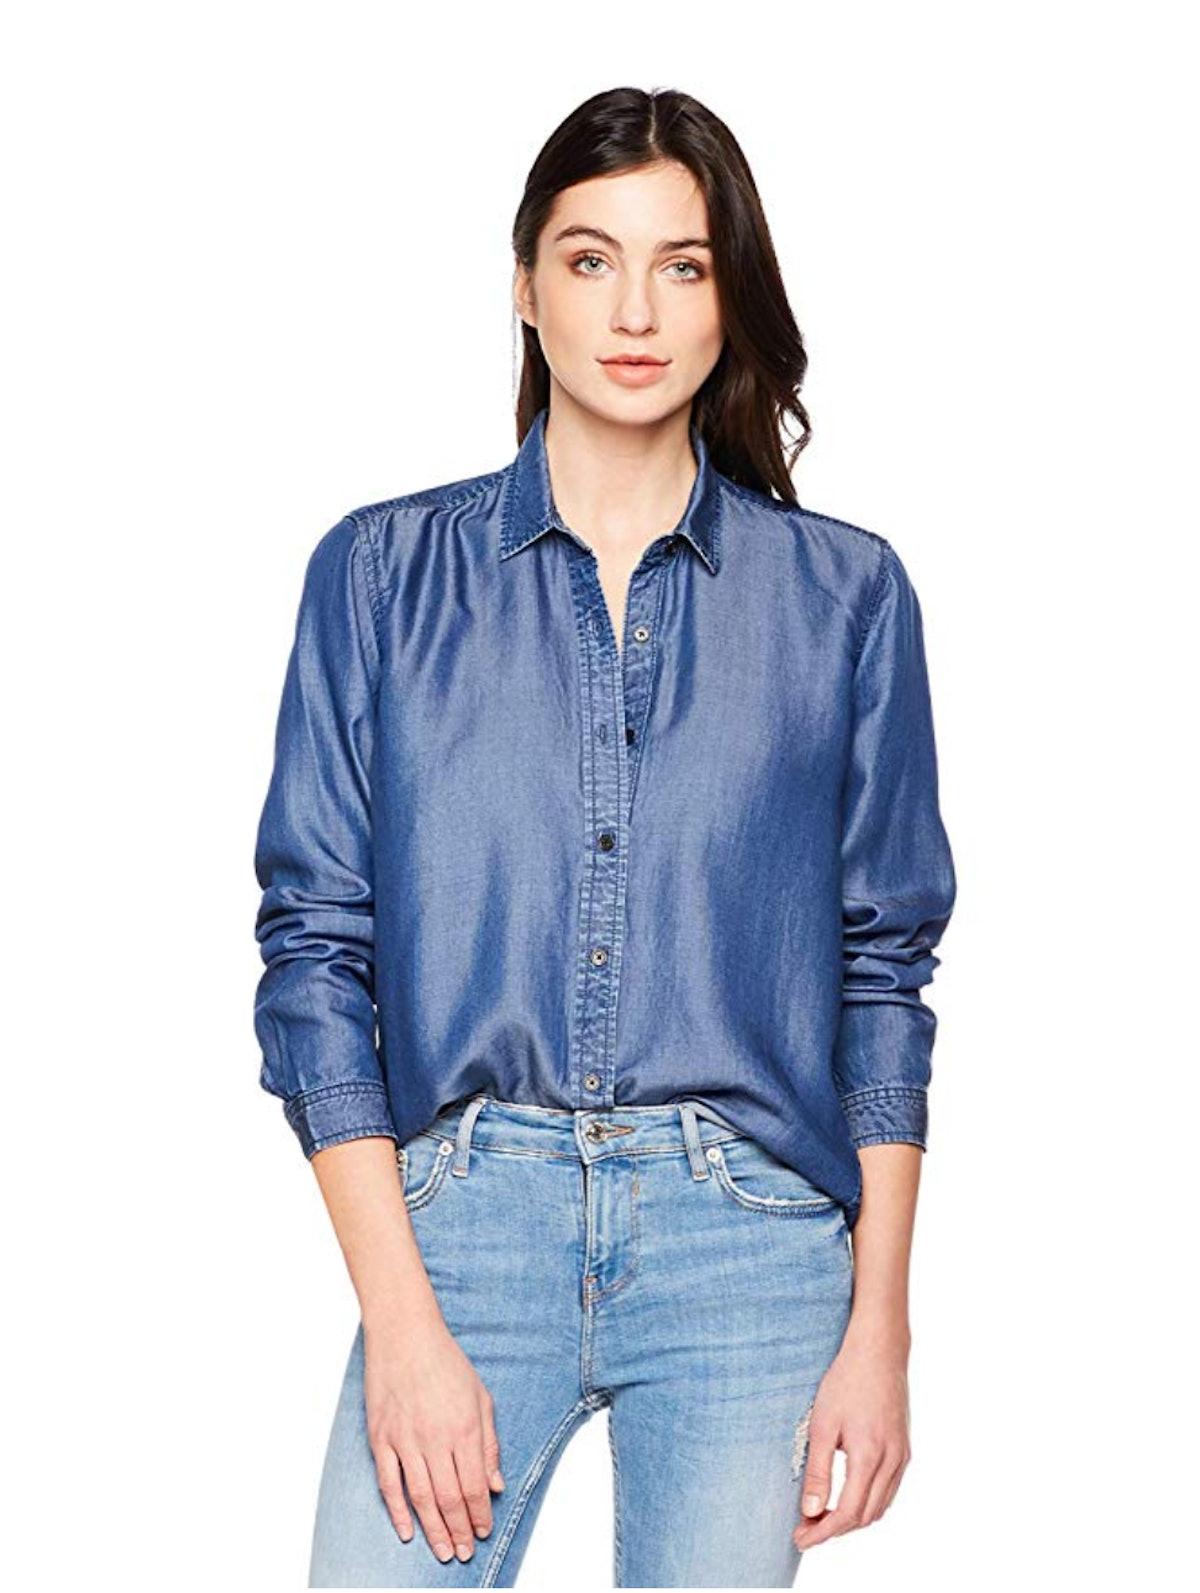 PD Peppered Denim Women's Casual Long Sleeve Tencel Denim Shirt